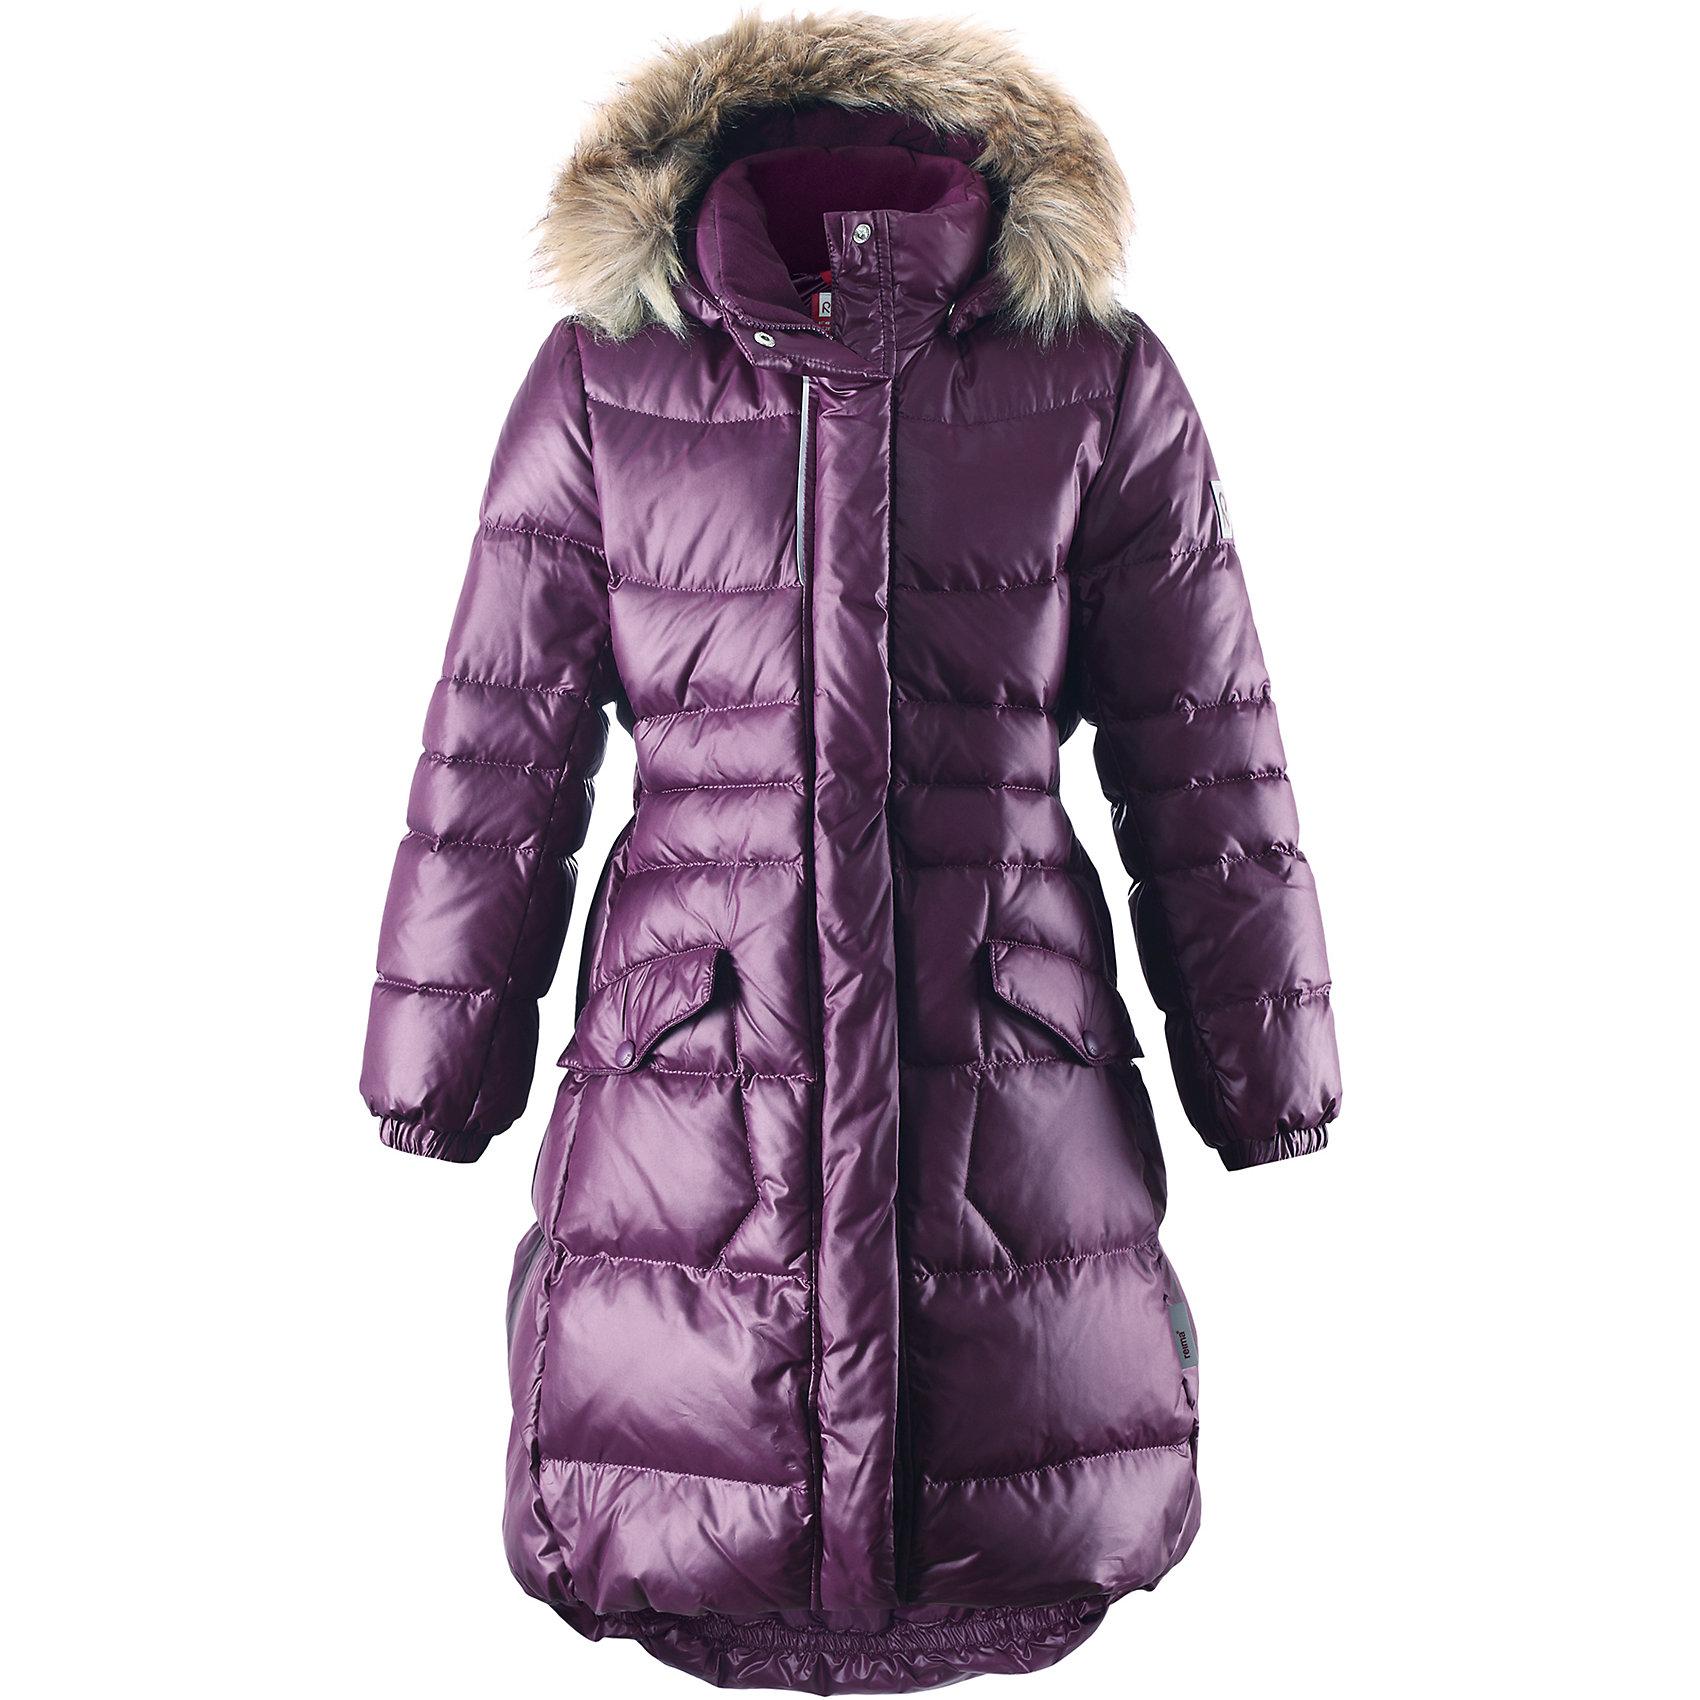 Пальто Satu для девочки ReimaОдежда<br>Пальто для девочки Reima<br>Куртка для подростков. Водоотталкивающий, ветронепроницаемый, «дышащий» и грязеотталкивающий материал. Крой для девочек. Гладкая подкладка из полиэстра. Безопасный съемный капюшон с отсоединяемой меховой каймой из искусственного меха. Эластичный пояс сзади. Эластичные подол и манжеты. Двухсторонняя молния по всей длине. Два кармана с клапанами. Безопасные светоотражающие детали. Петля для дополнительных светоотражающих деталей.<br>Уход:<br>Стирать по отдельности, вывернув наизнанку. Перед стиркой отстегните искусственный мех. Застегнуть молнии и липучки. Стирать моющим средством, не содержащим отбеливающие вещества. Полоскать без специального средства. Во избежание изменения цвета изделие необходимо вынуть из стиральной машинки незамедлительно после окончания программы стирки. Барабанное сушение при низкой температуре с 3 теннисными мячиками. Выверните изделие наизнанку в середине сушки.<br>Состав:<br>100% Полиэстер<br><br>Ширина мм: 356<br>Глубина мм: 10<br>Высота мм: 245<br>Вес г: 519<br>Цвет: фиолетовый<br>Возраст от месяцев: 36<br>Возраст до месяцев: 48<br>Пол: Женский<br>Возраст: Детский<br>Размер: 164,110,116,122,128,134,140,146,152,158,104<br>SKU: 4778582